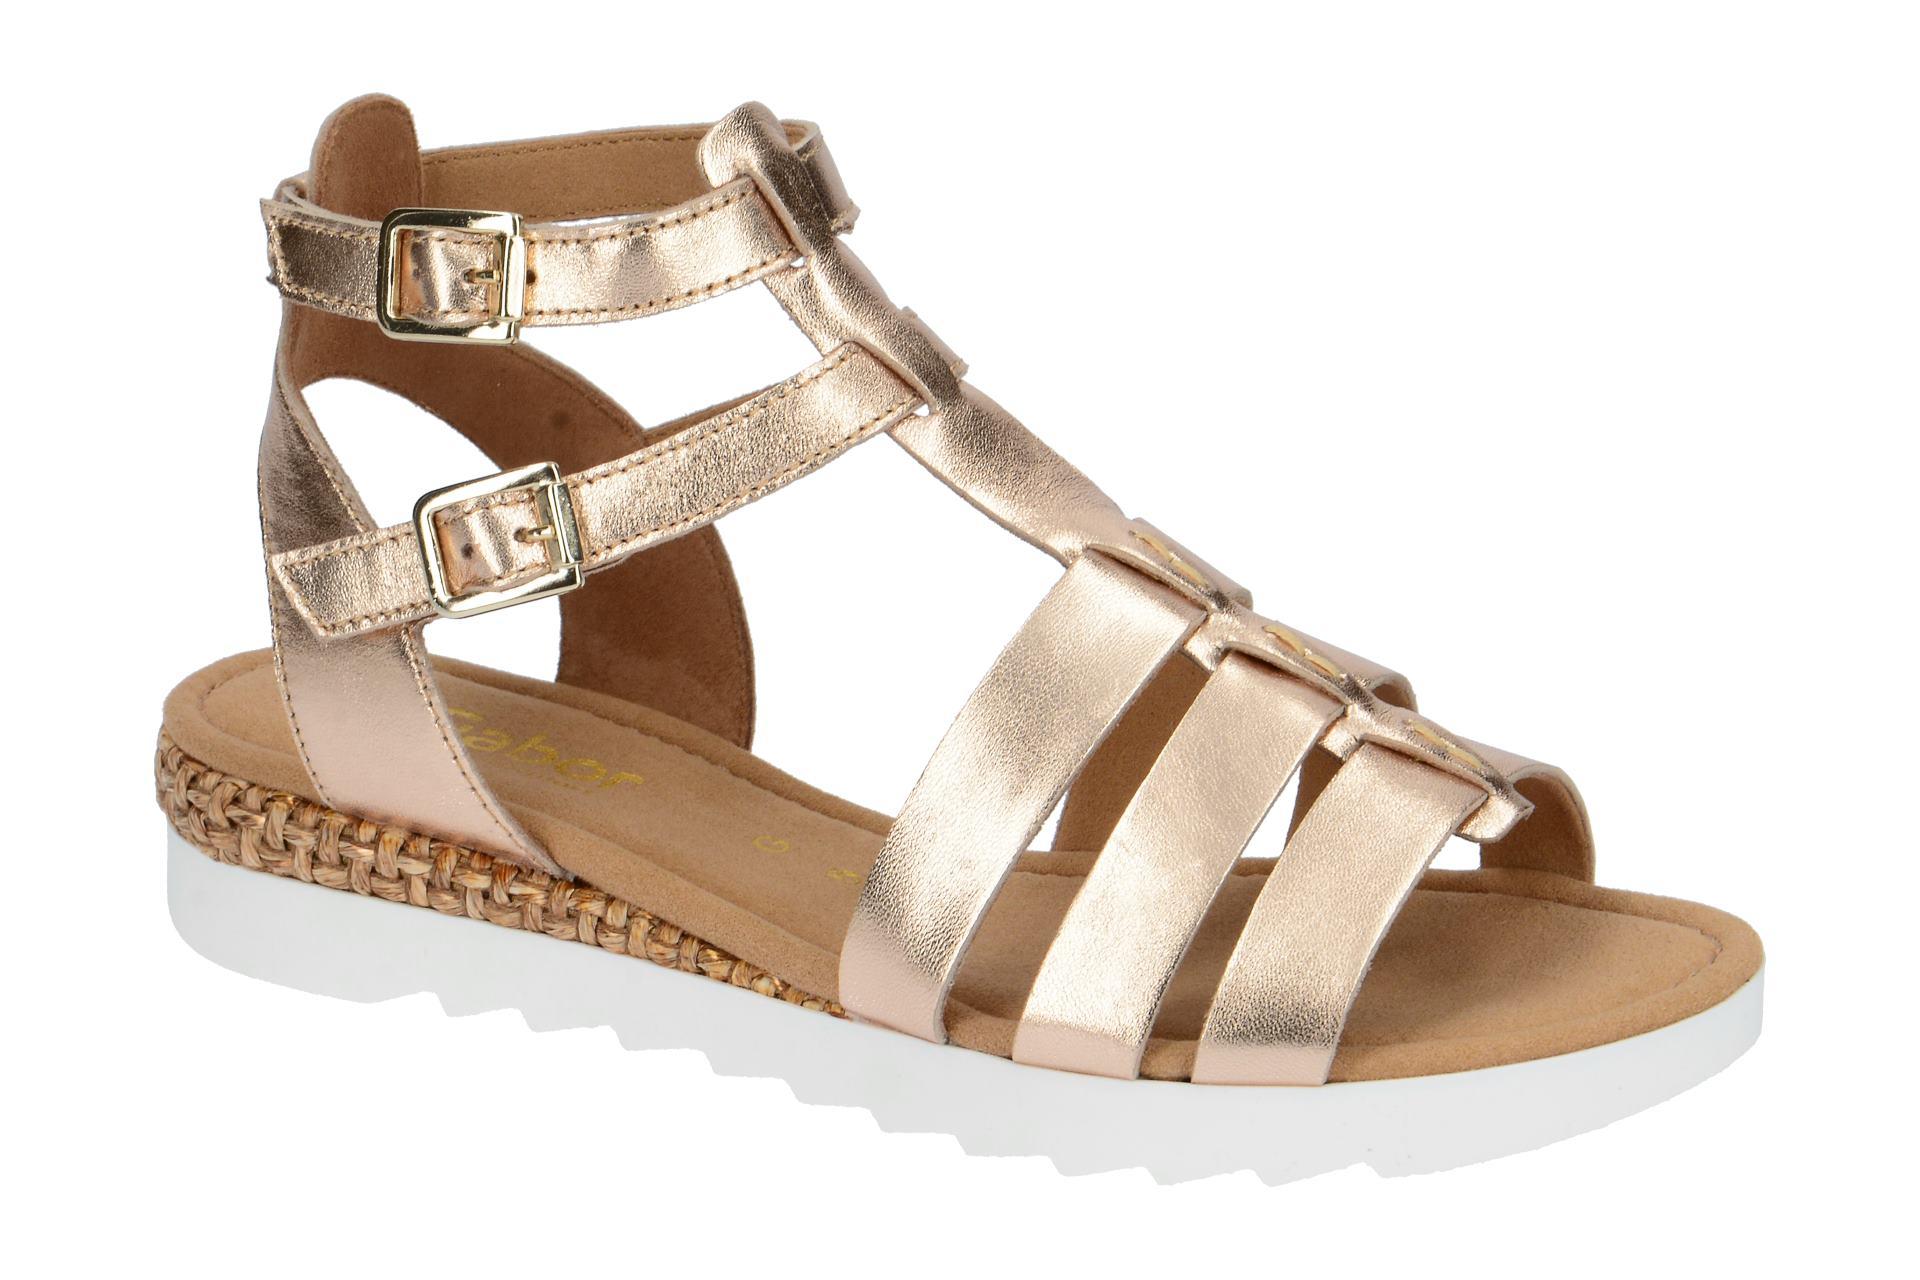 Gabor Rhodos Sandale beige space metallic